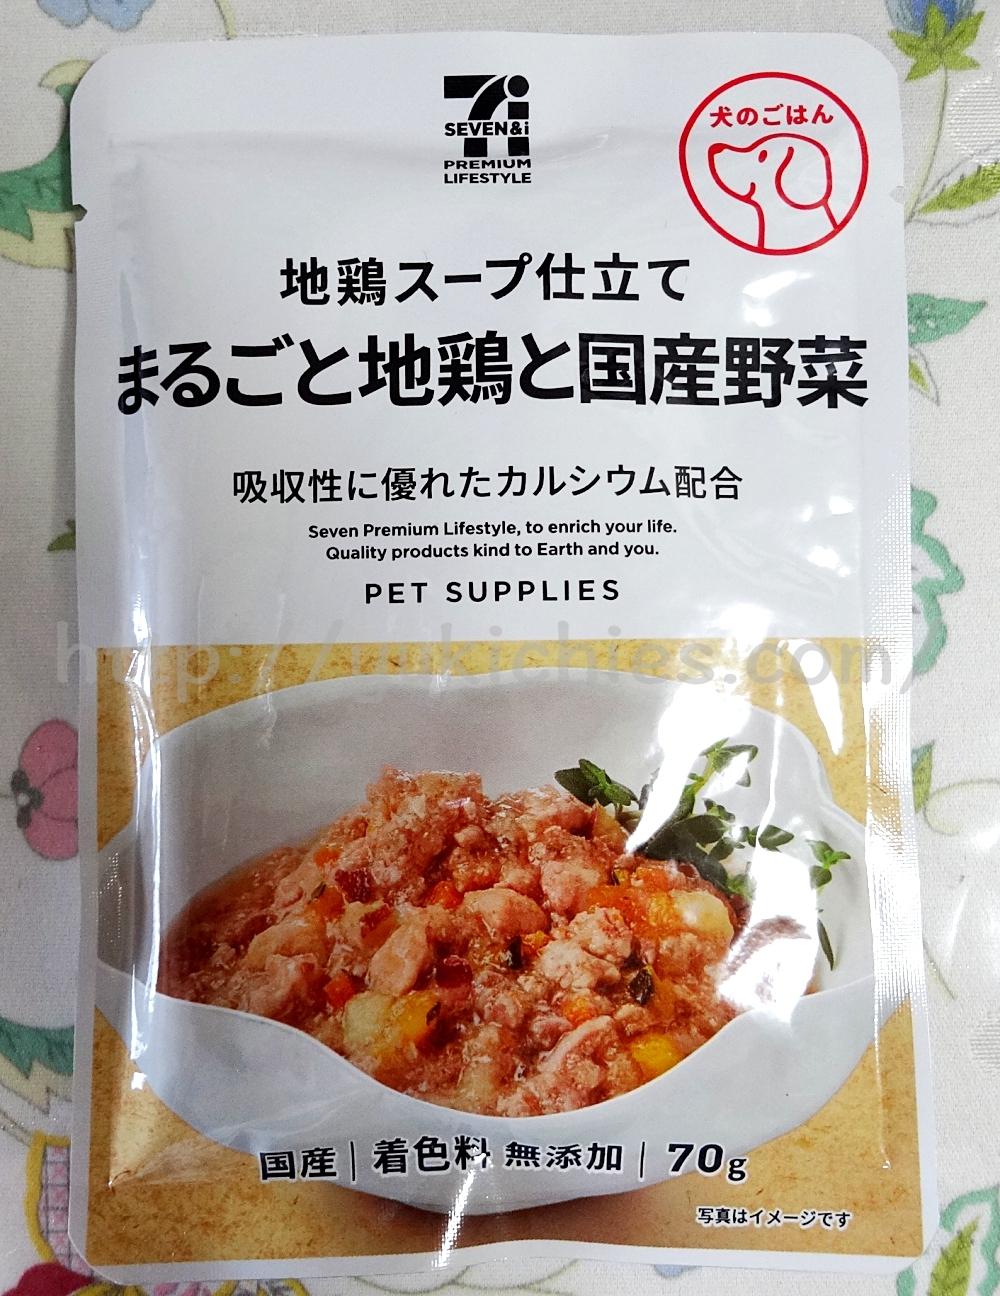 セブンイレブンプレミアム 地鶏スープ仕立て まるごと地鶏と国産野菜 吸収性に優れたカルシウム配合